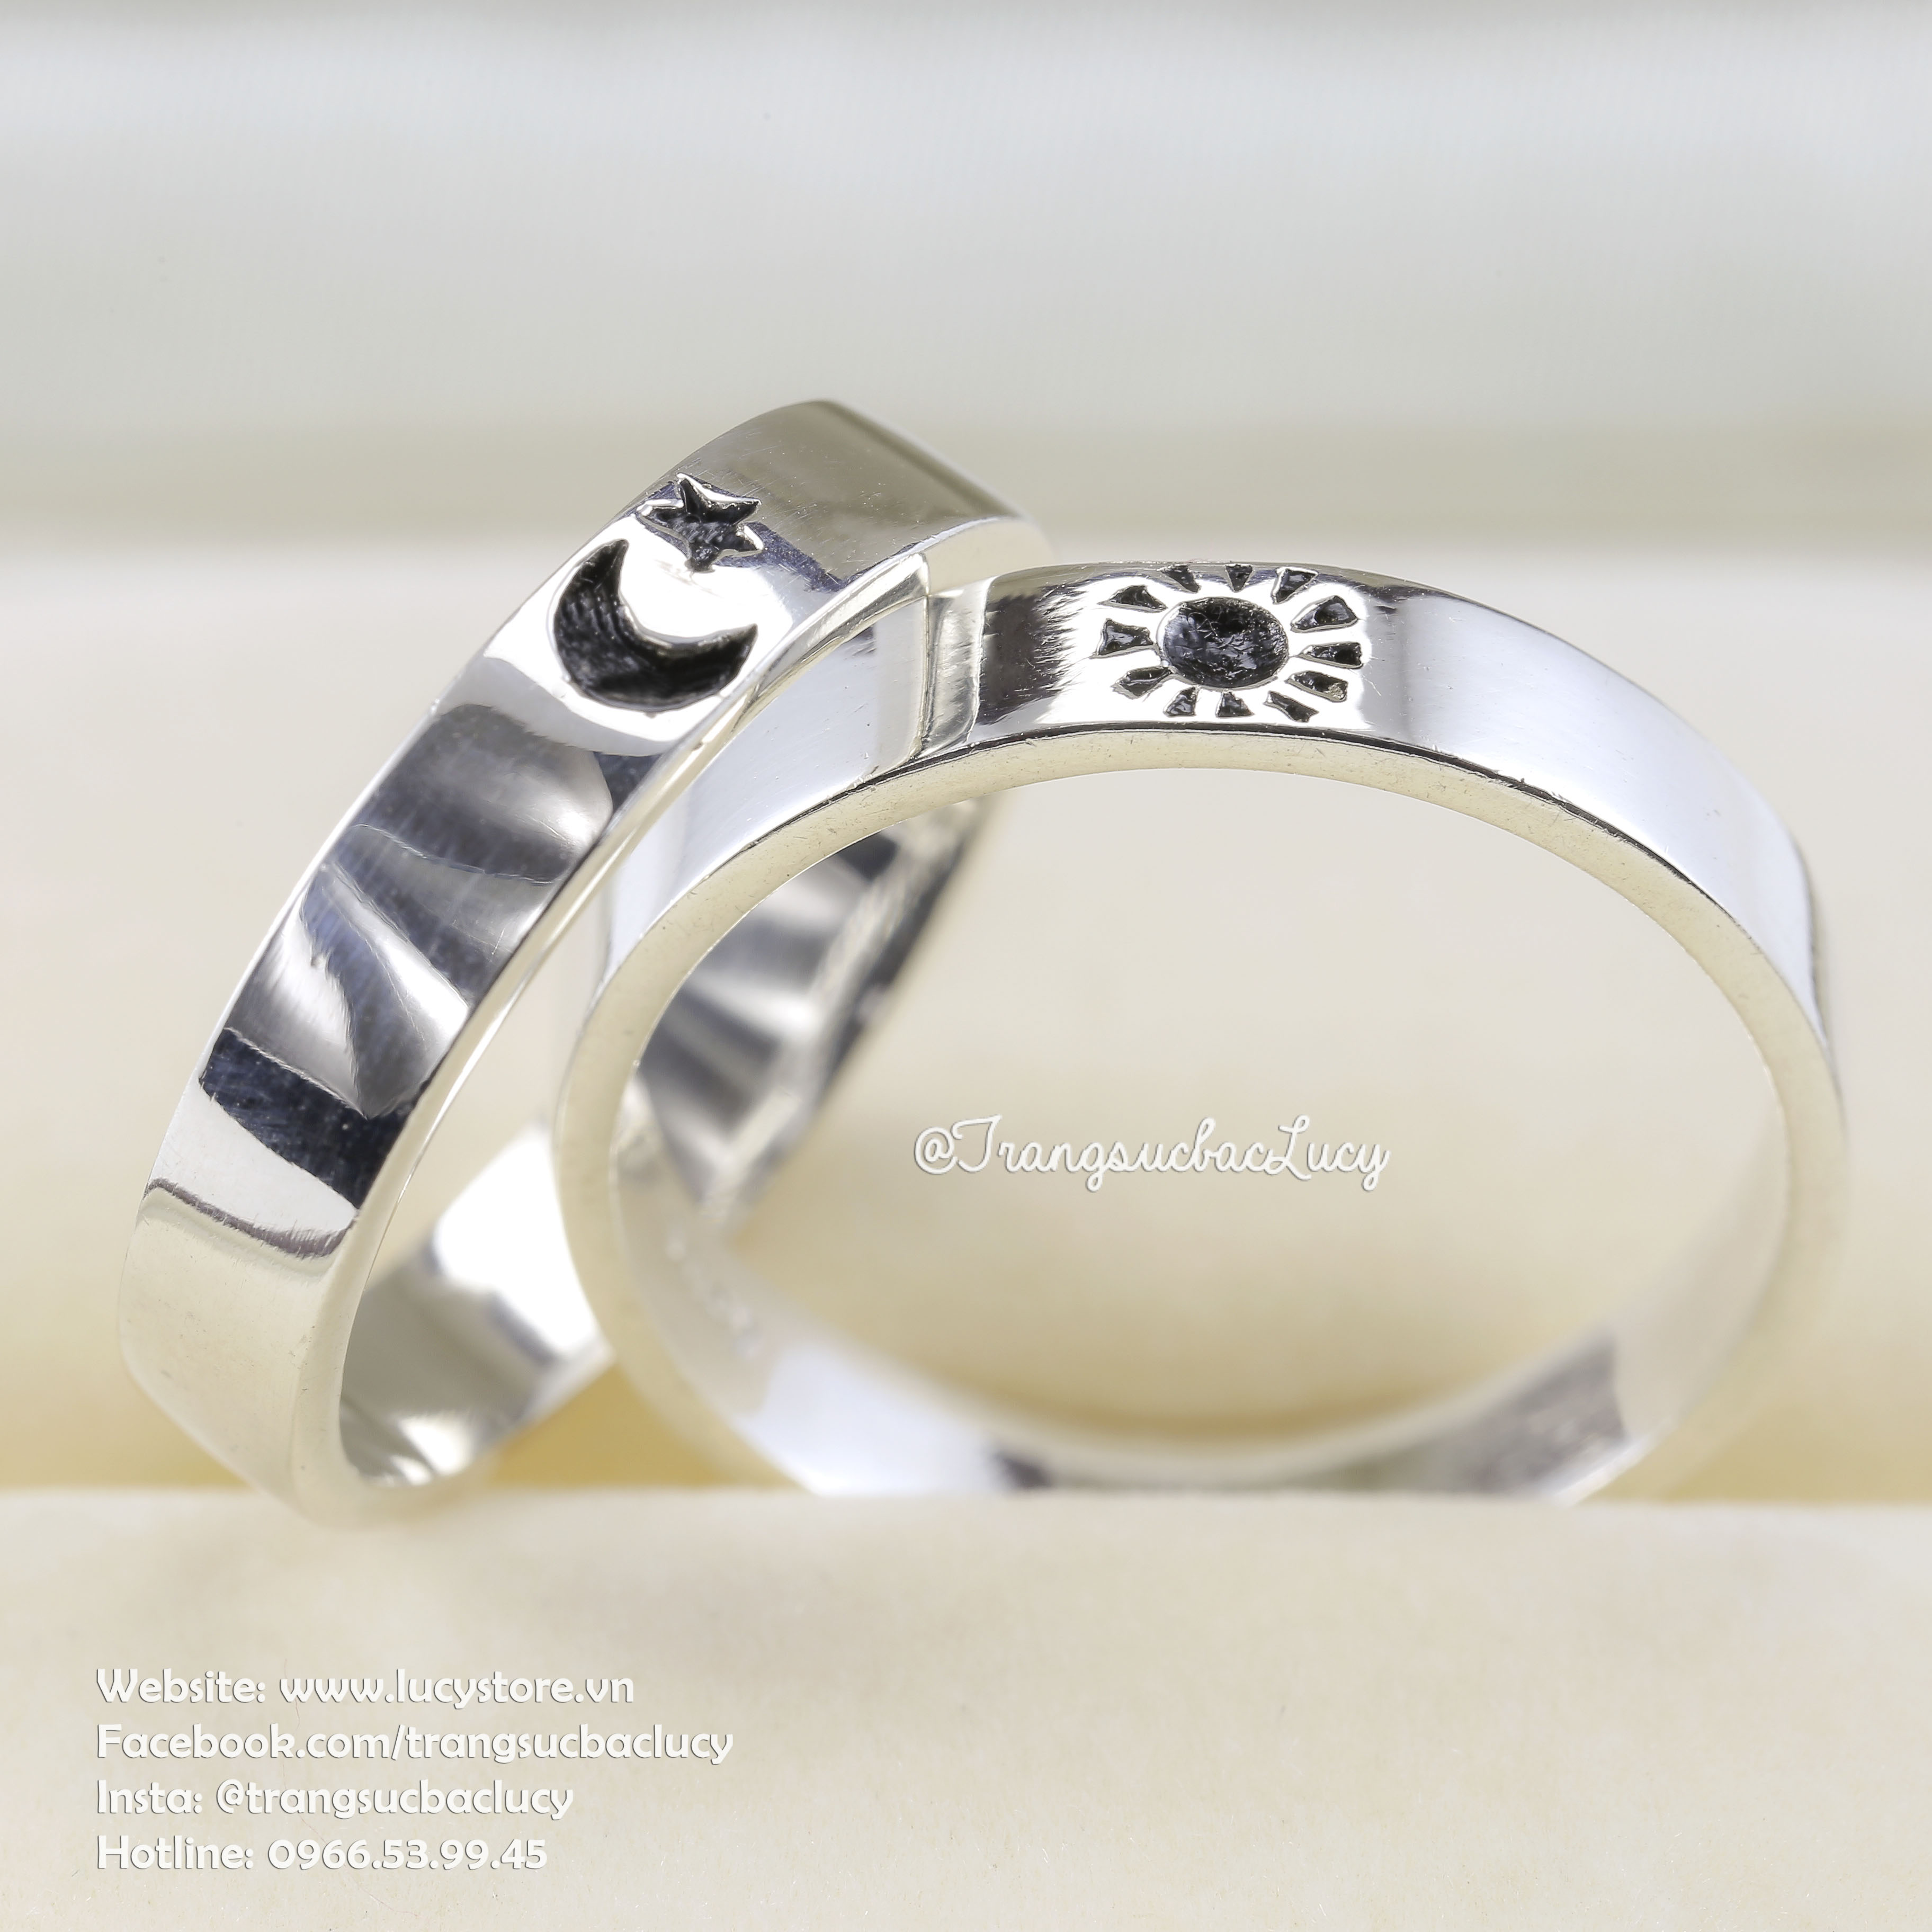 Nhẫn đôi Mặt trăng - Mặt trời bạc Lucy - ND032